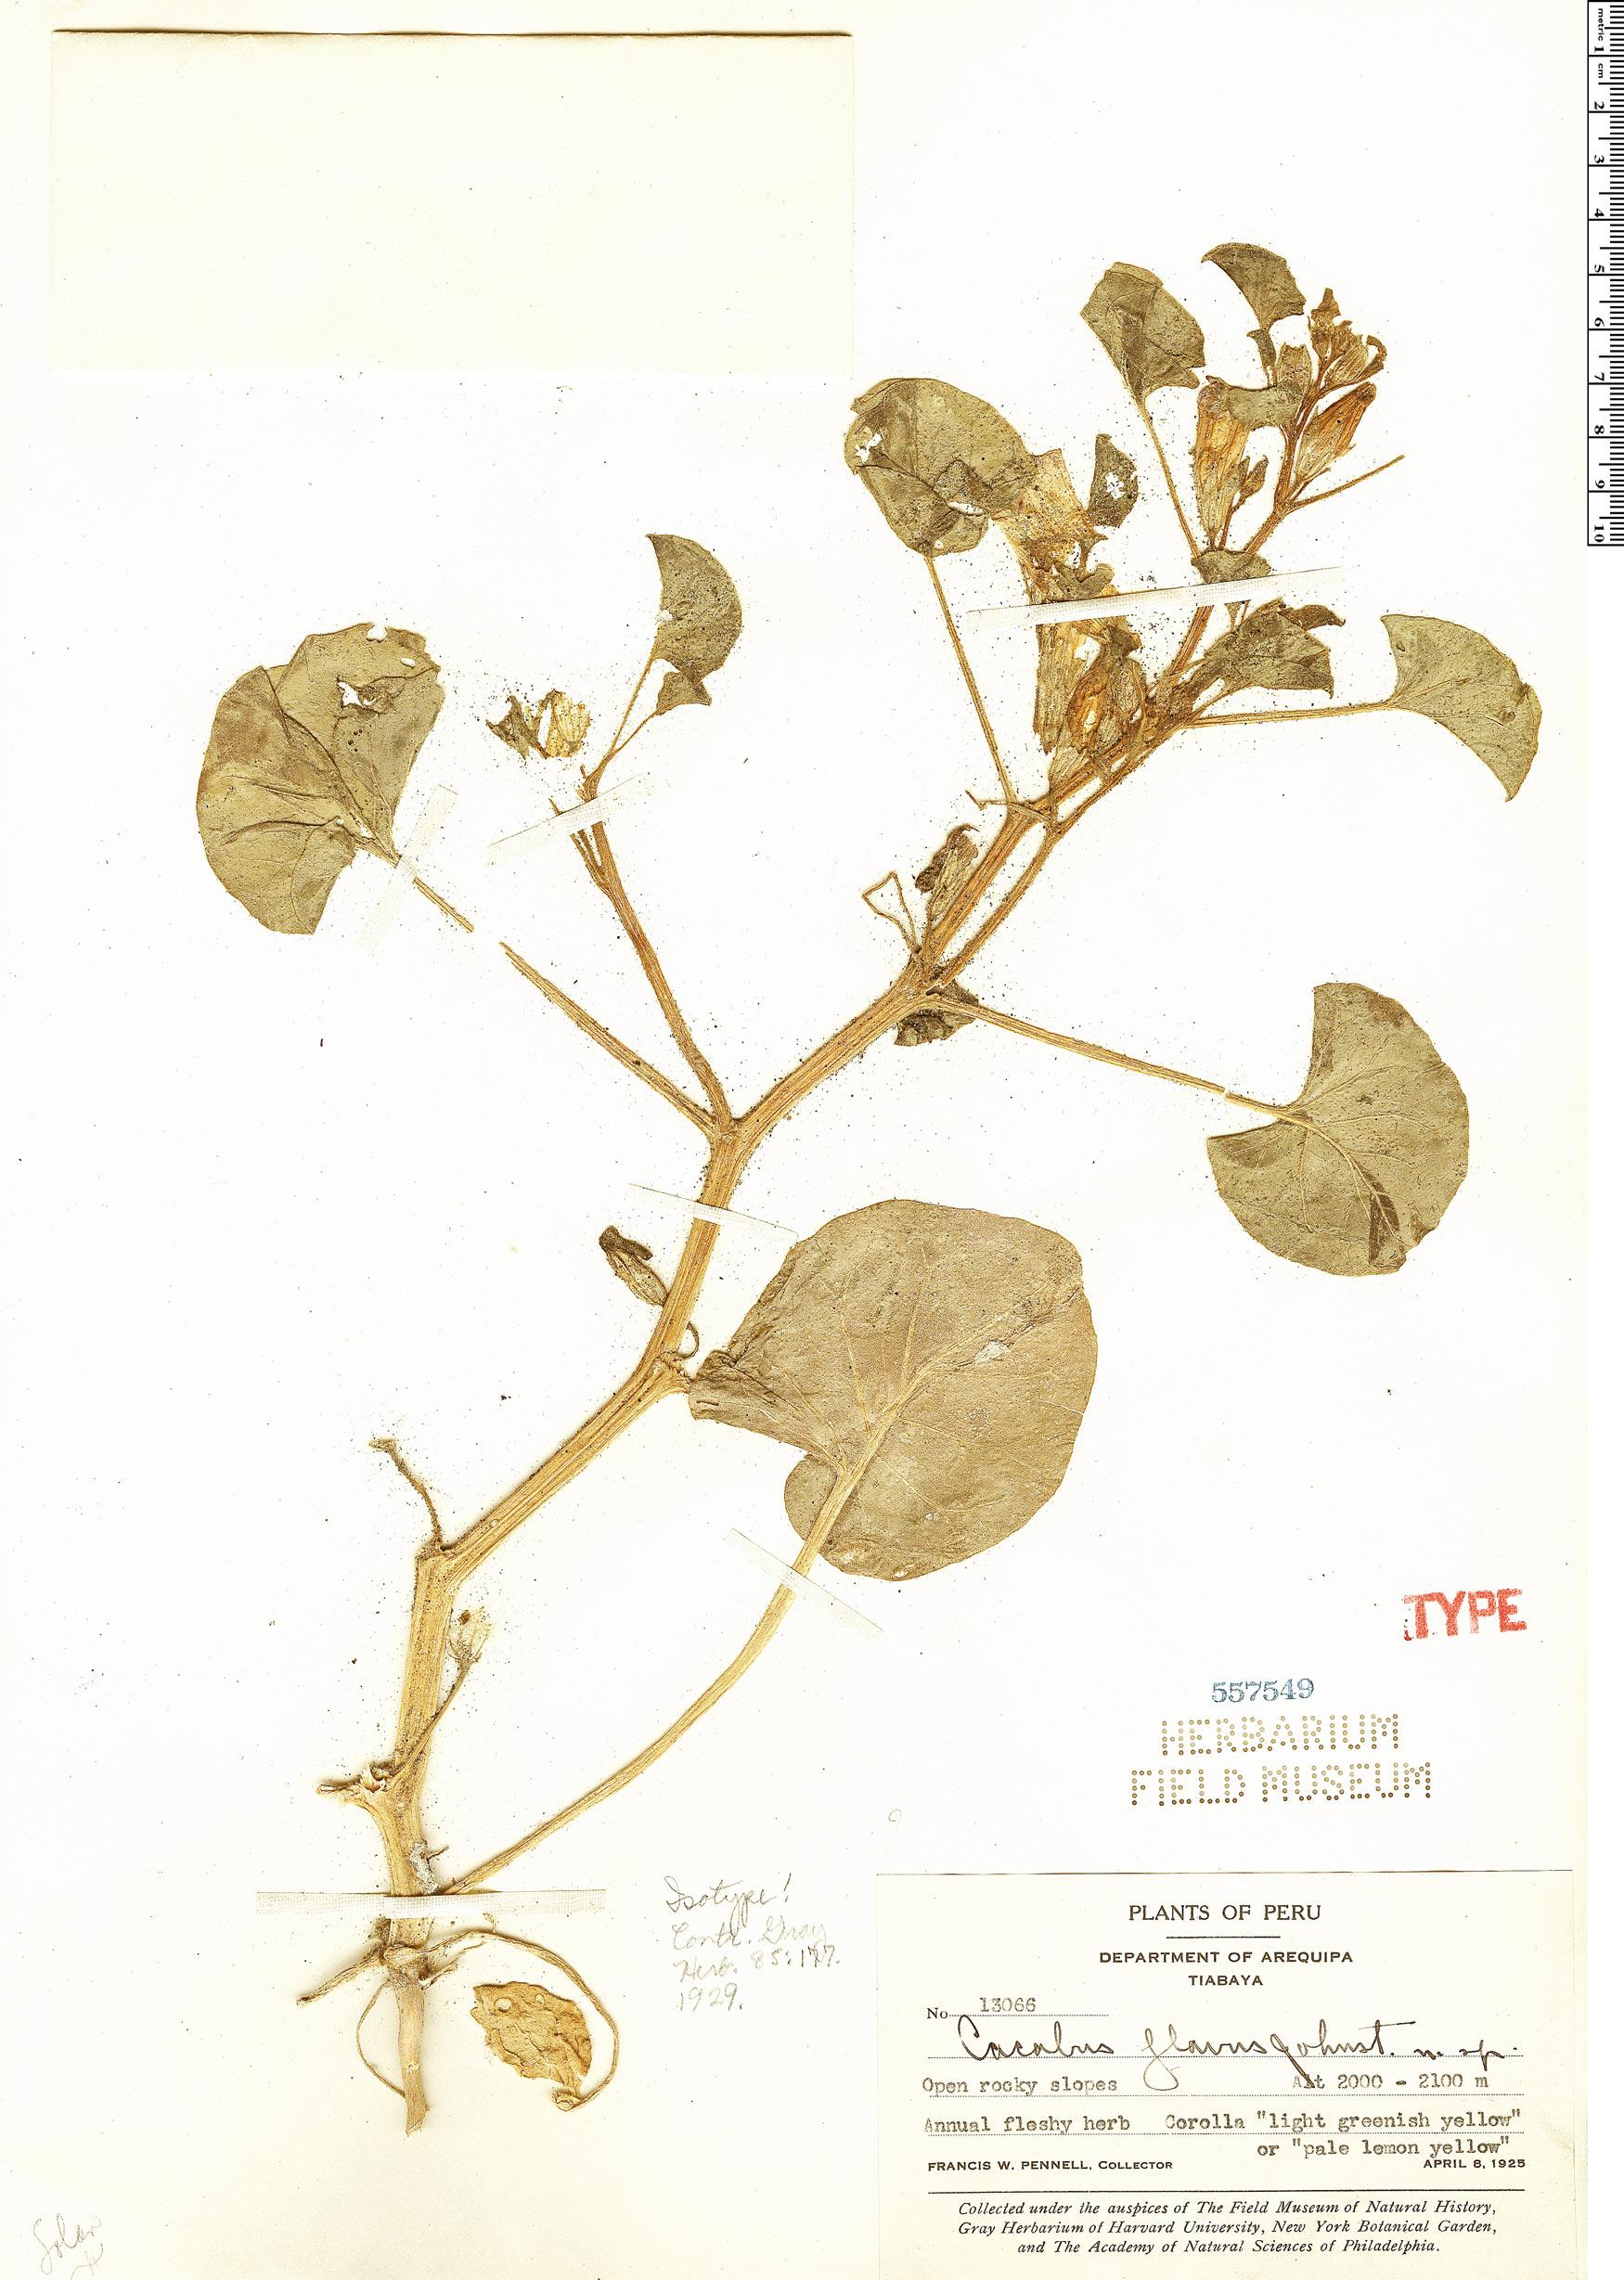 Specimen: Exodeconus flavus